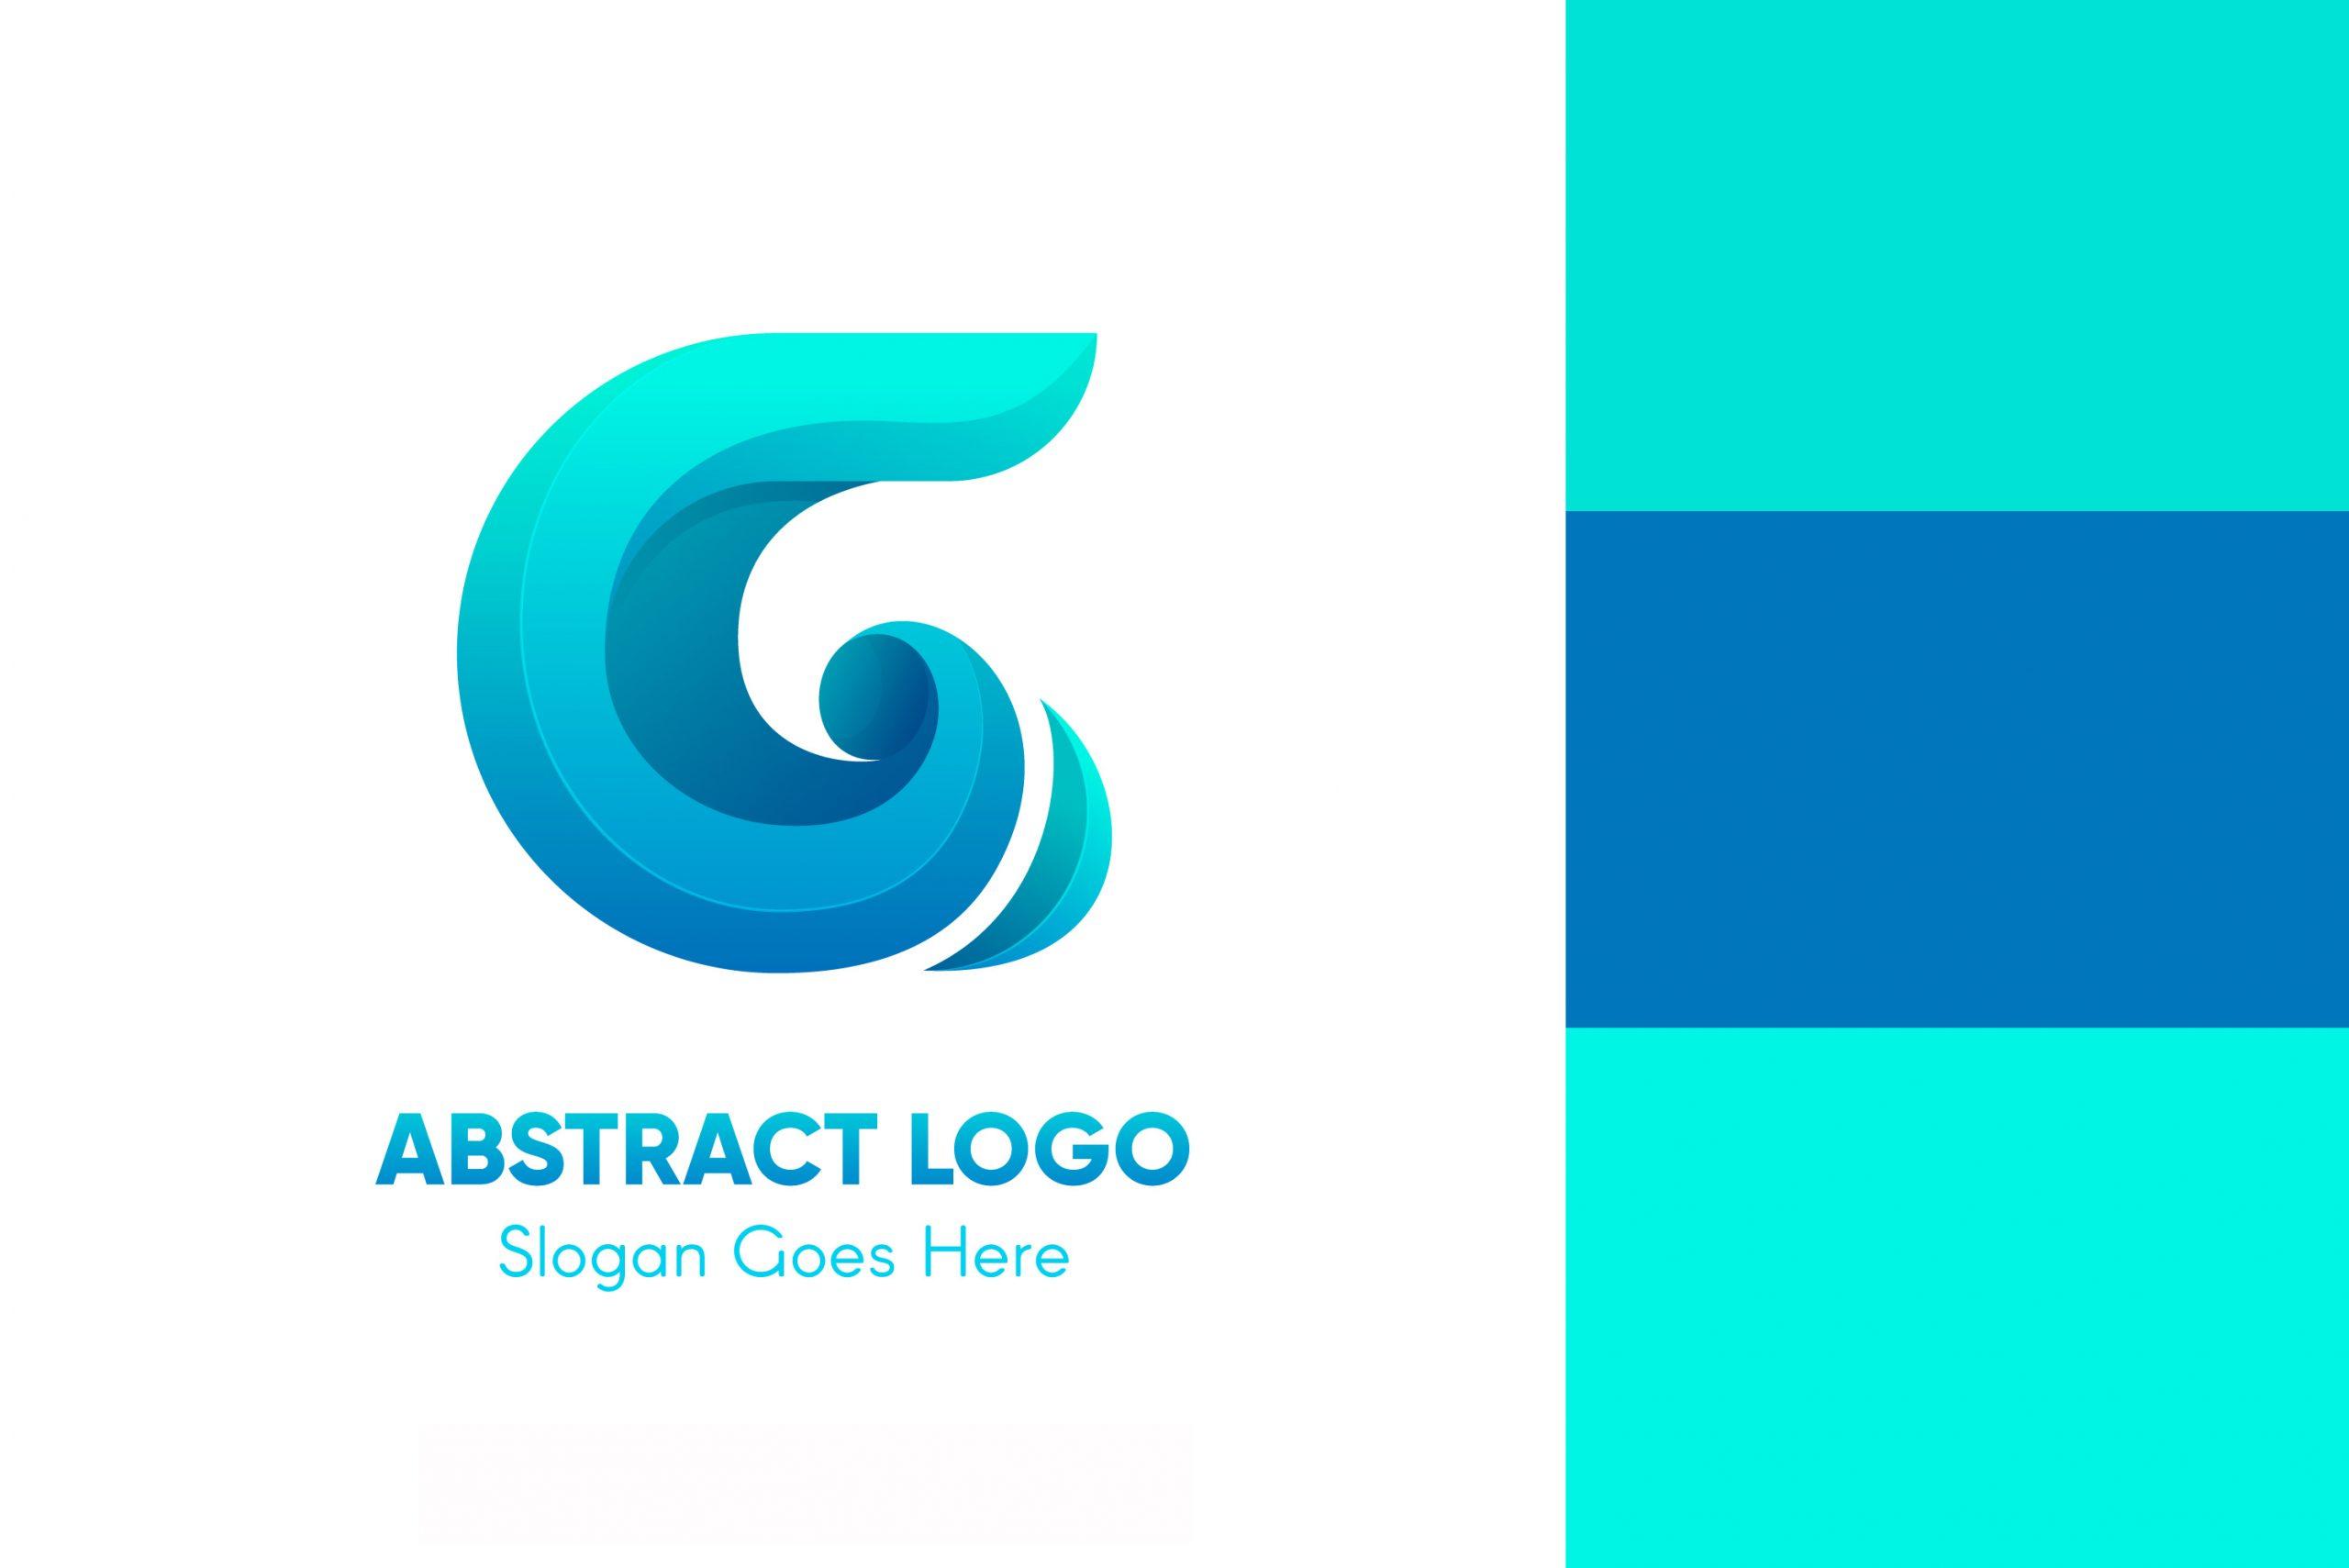 Combinaciones colores para logos 9